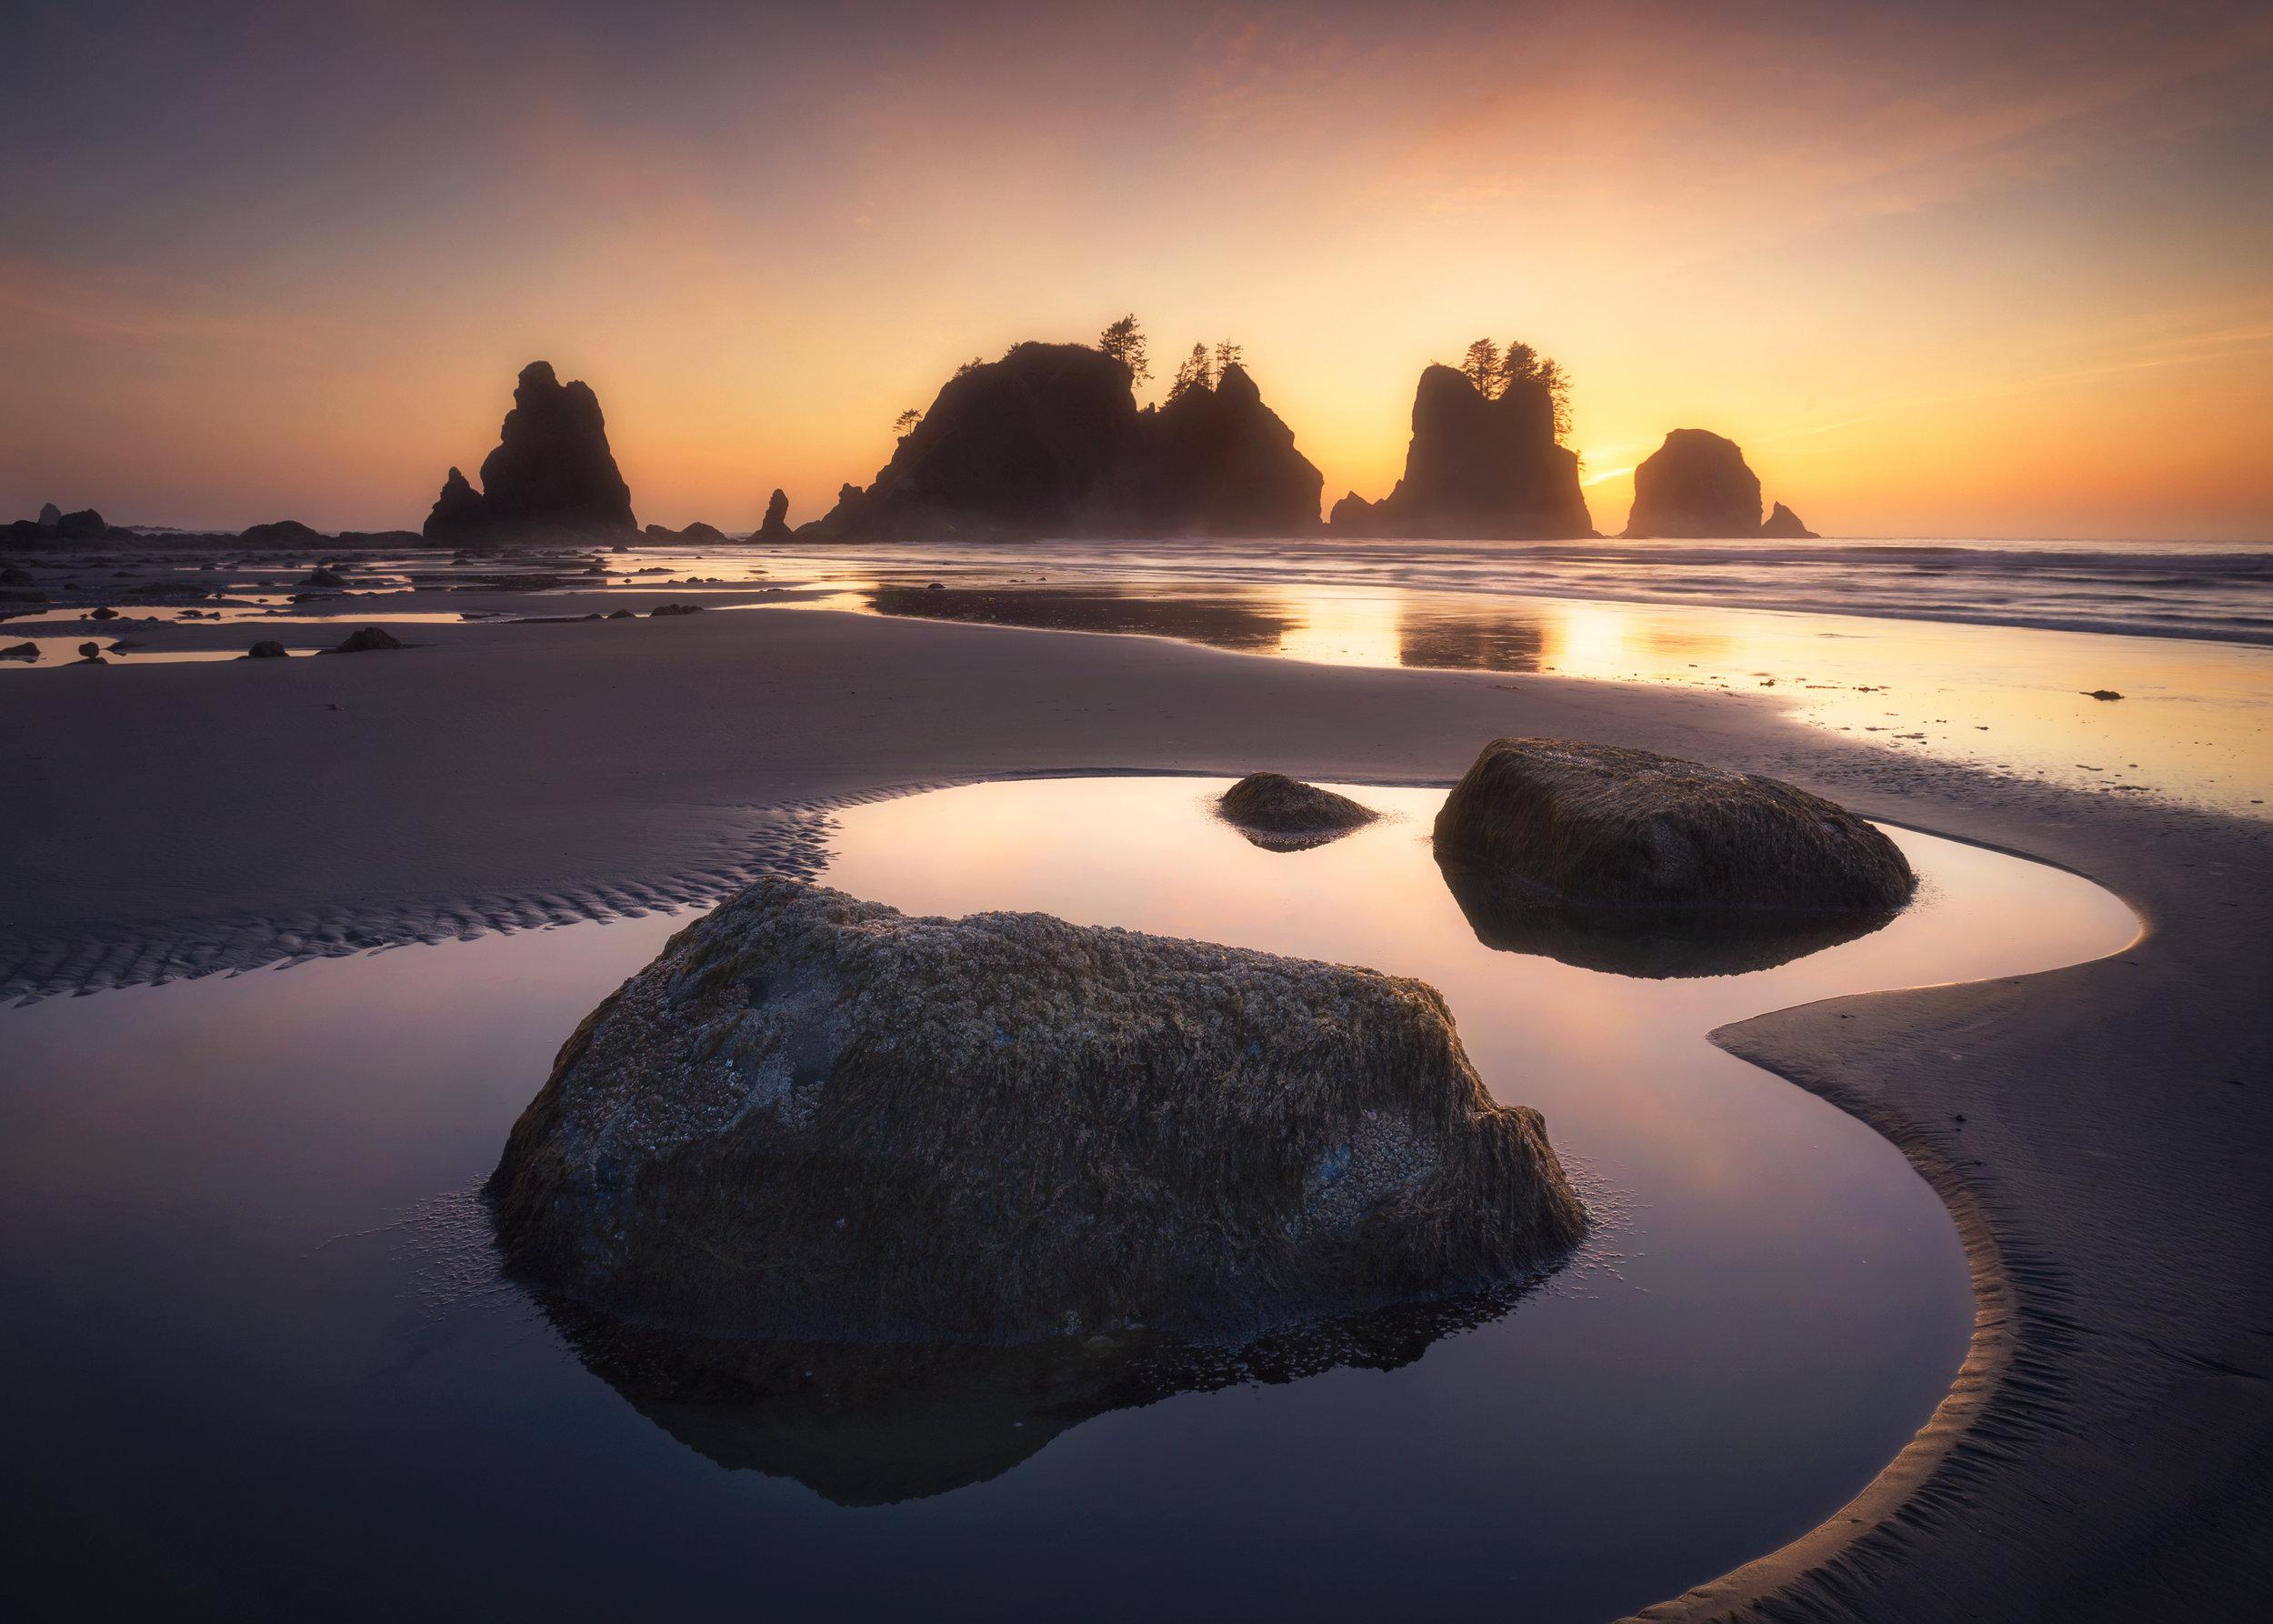 shi-shi-sunset-2.jpg